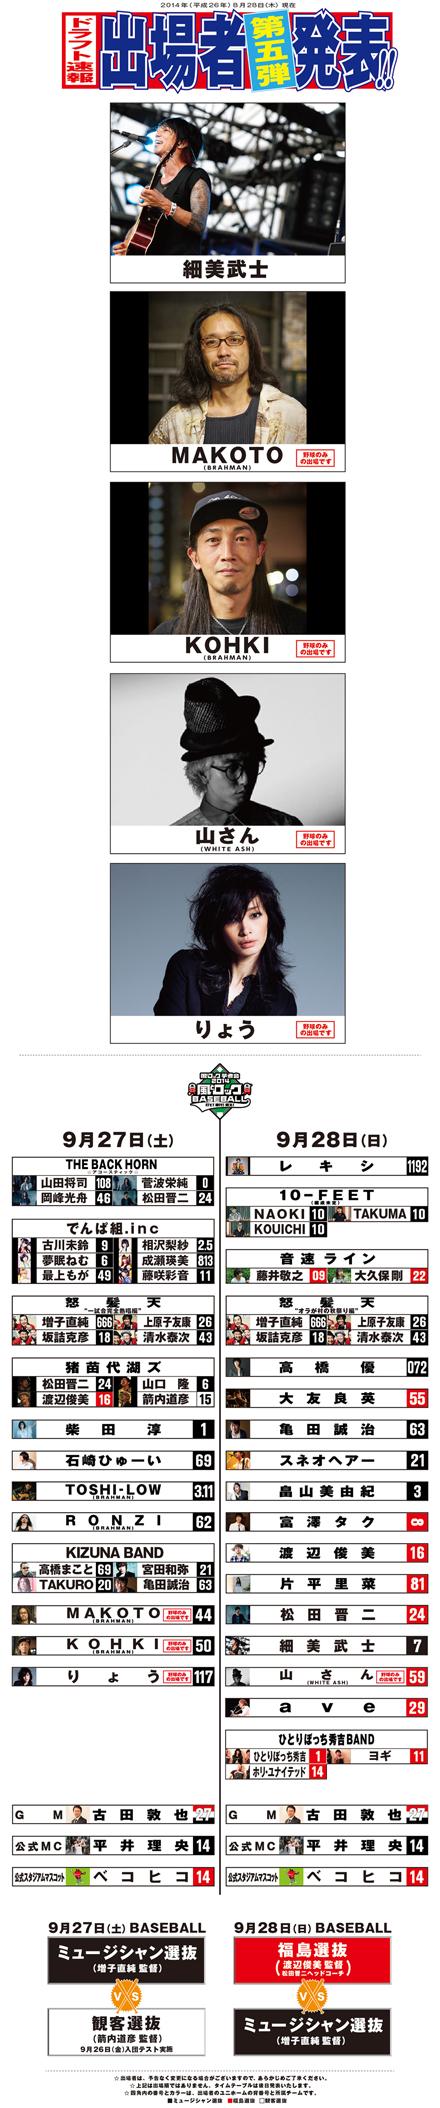 140828_5DANhiwari2_shyukan.jpg